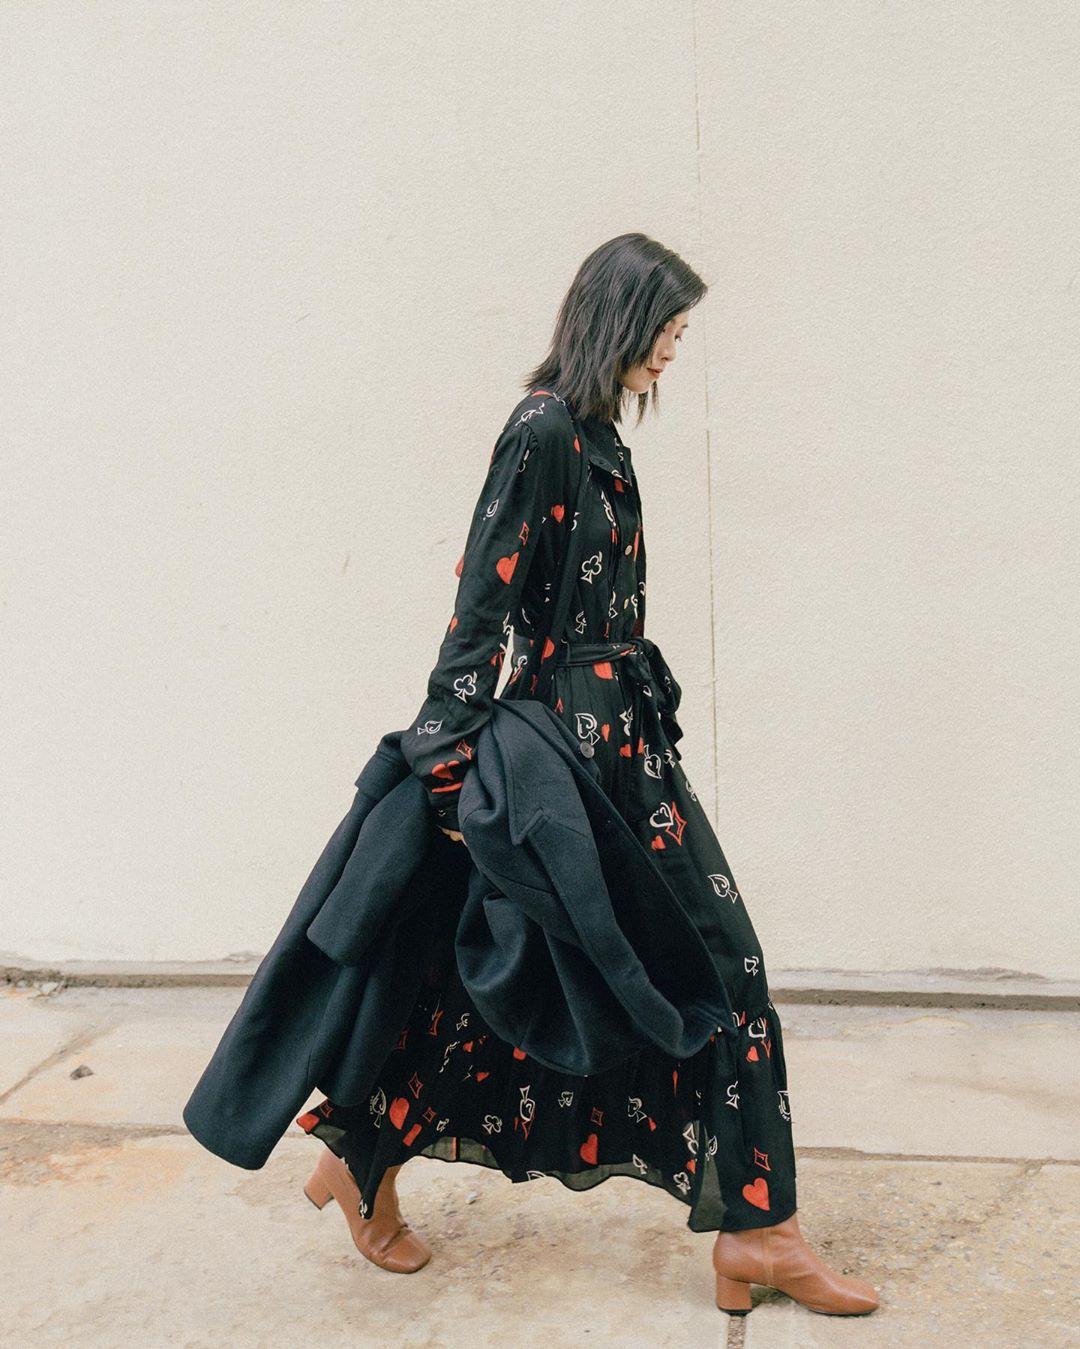 Không kiểu váy nào vượt qua được váy dáng dài về độ sang chảnh, yêu kiều và hợp rơ với tiết trời se lạnh-9